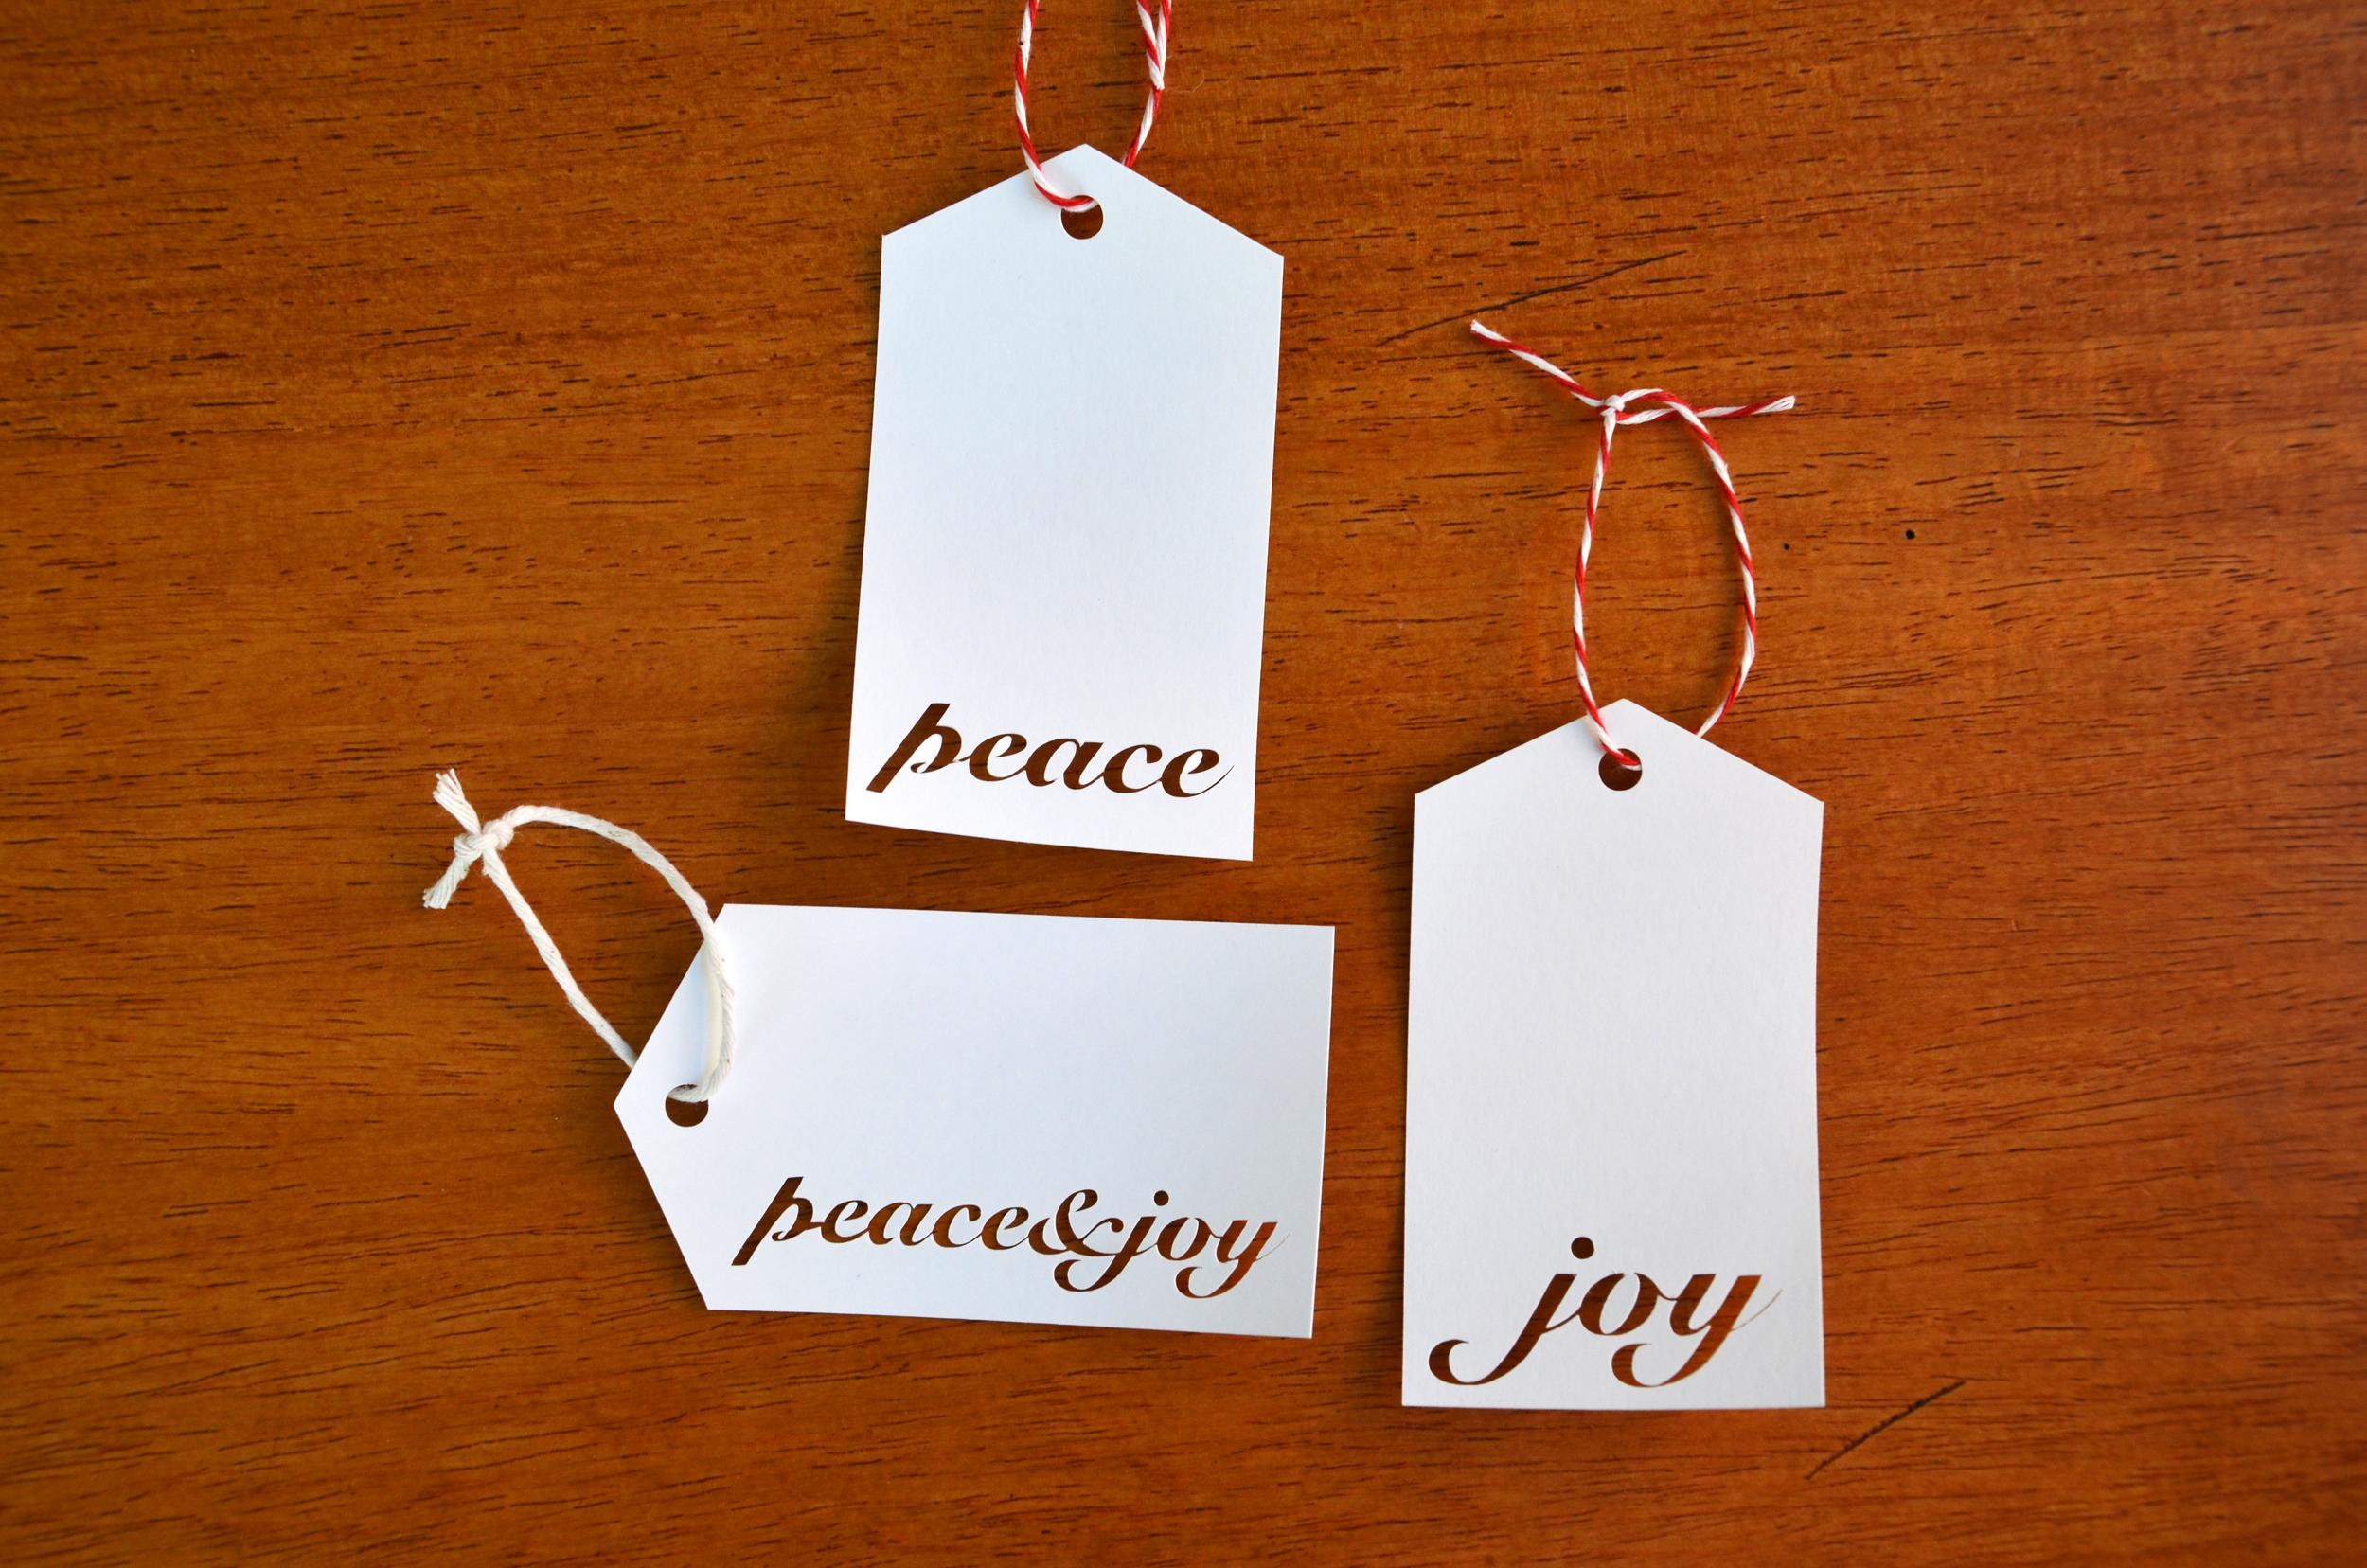 Peace&JoyTags1.jpg